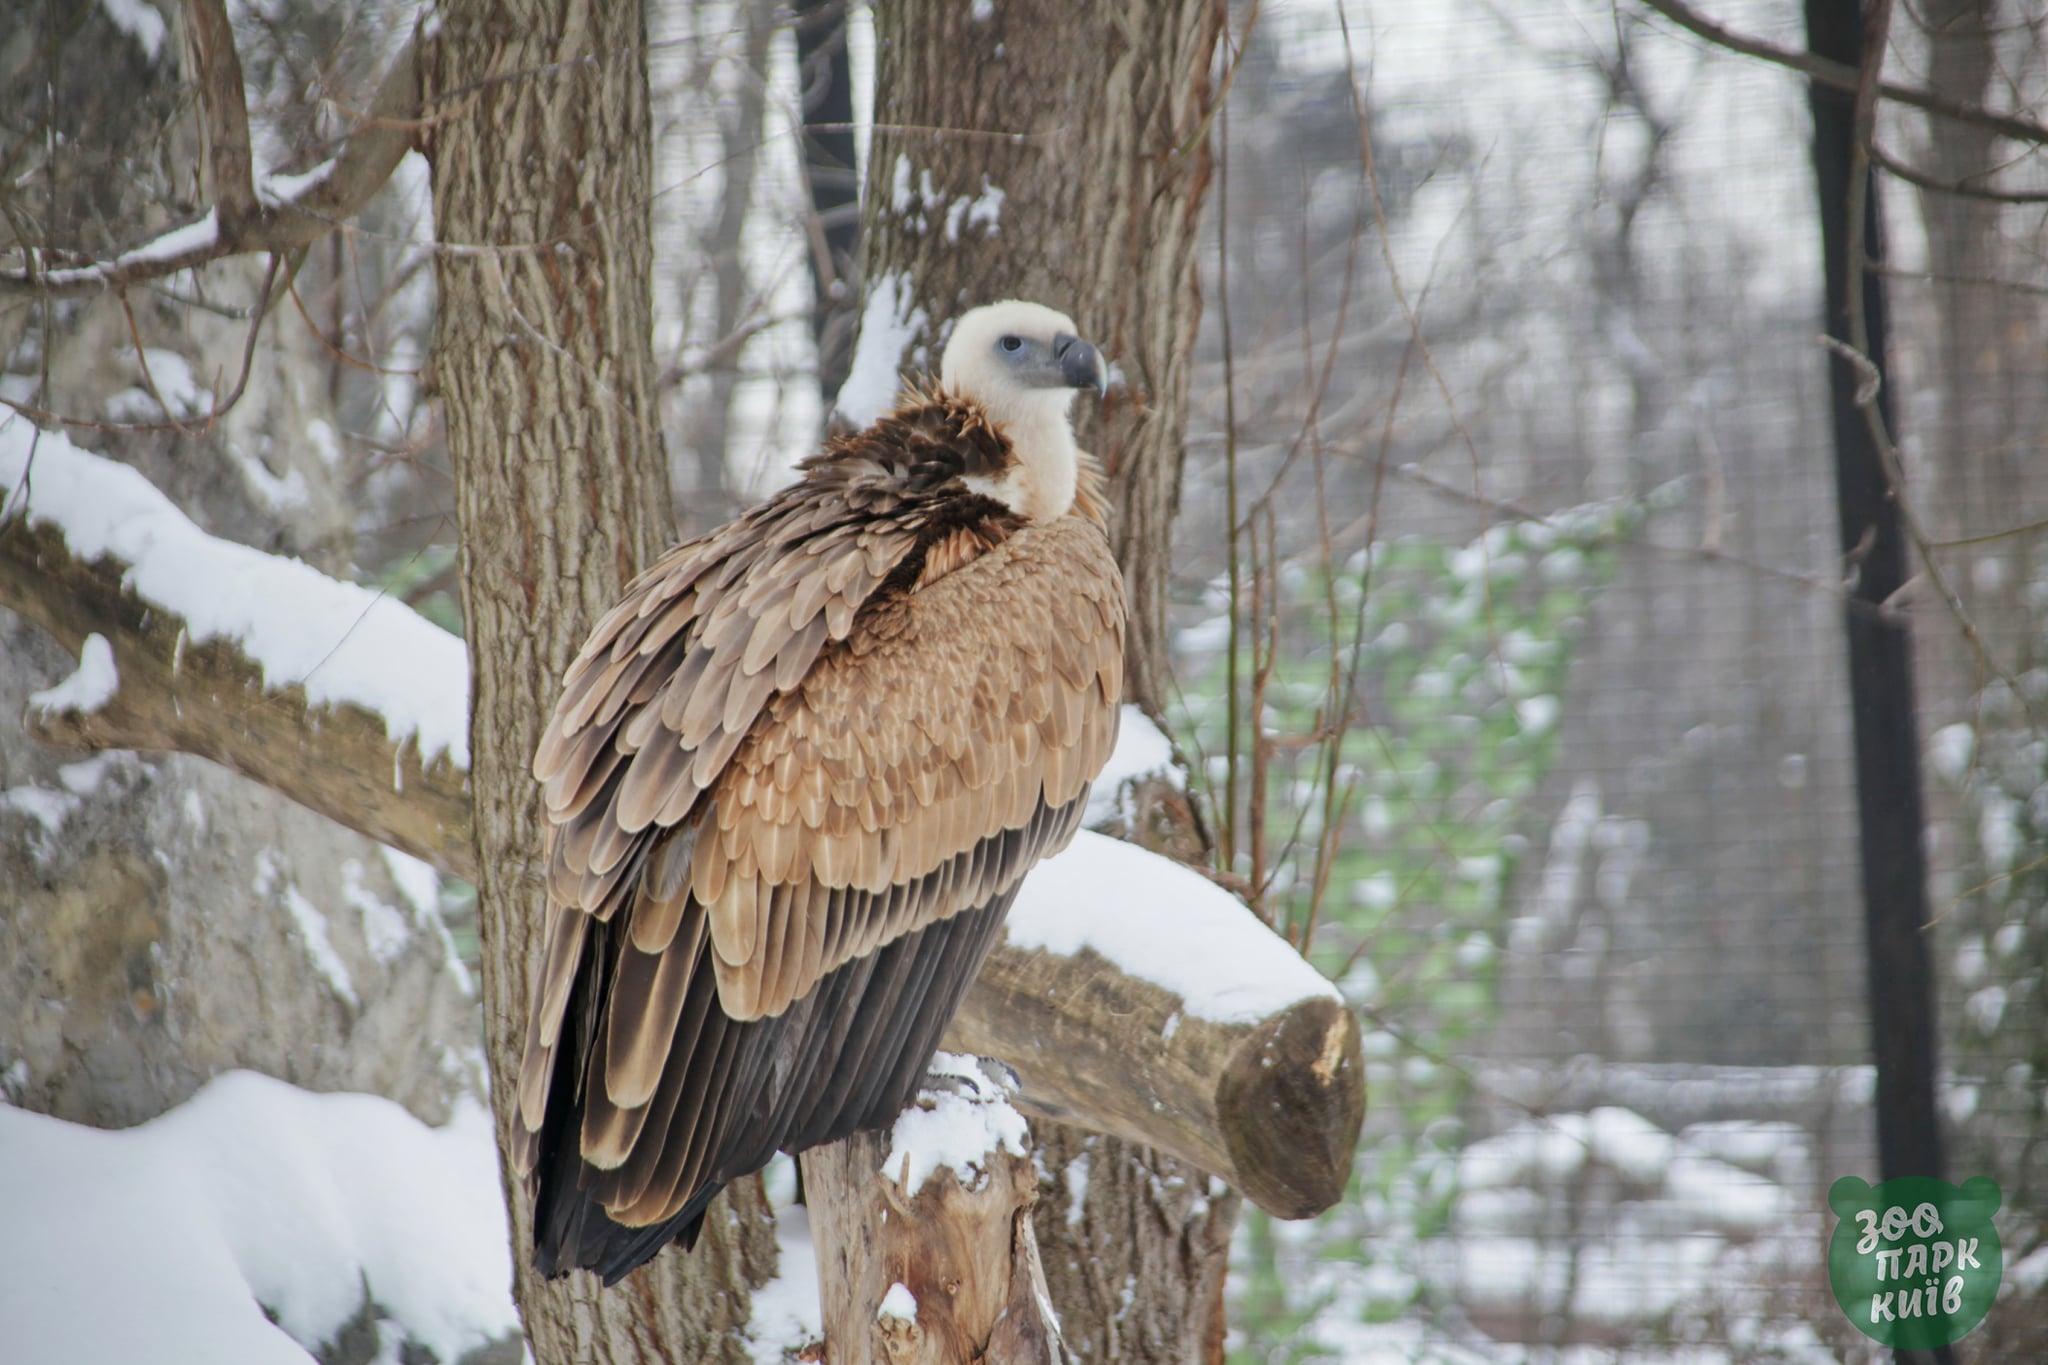 київ зоопарк зима сніг